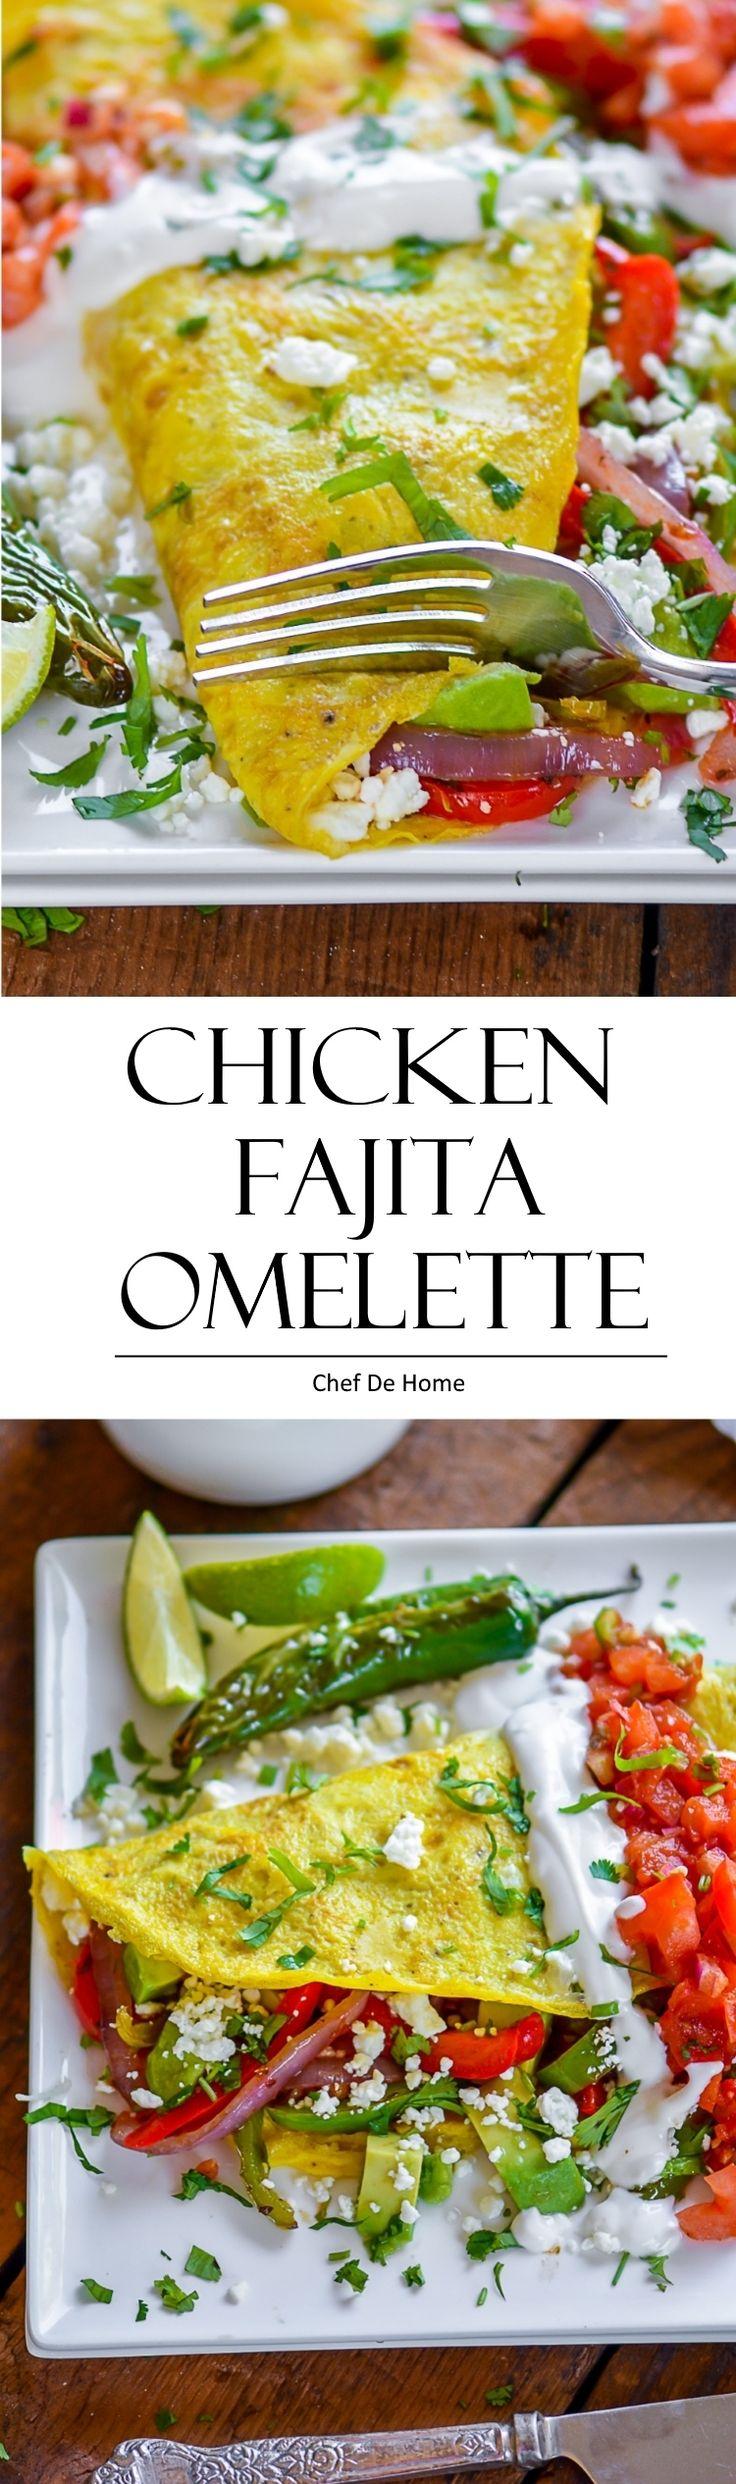 Chicken Fajita Omelette #glutenfree